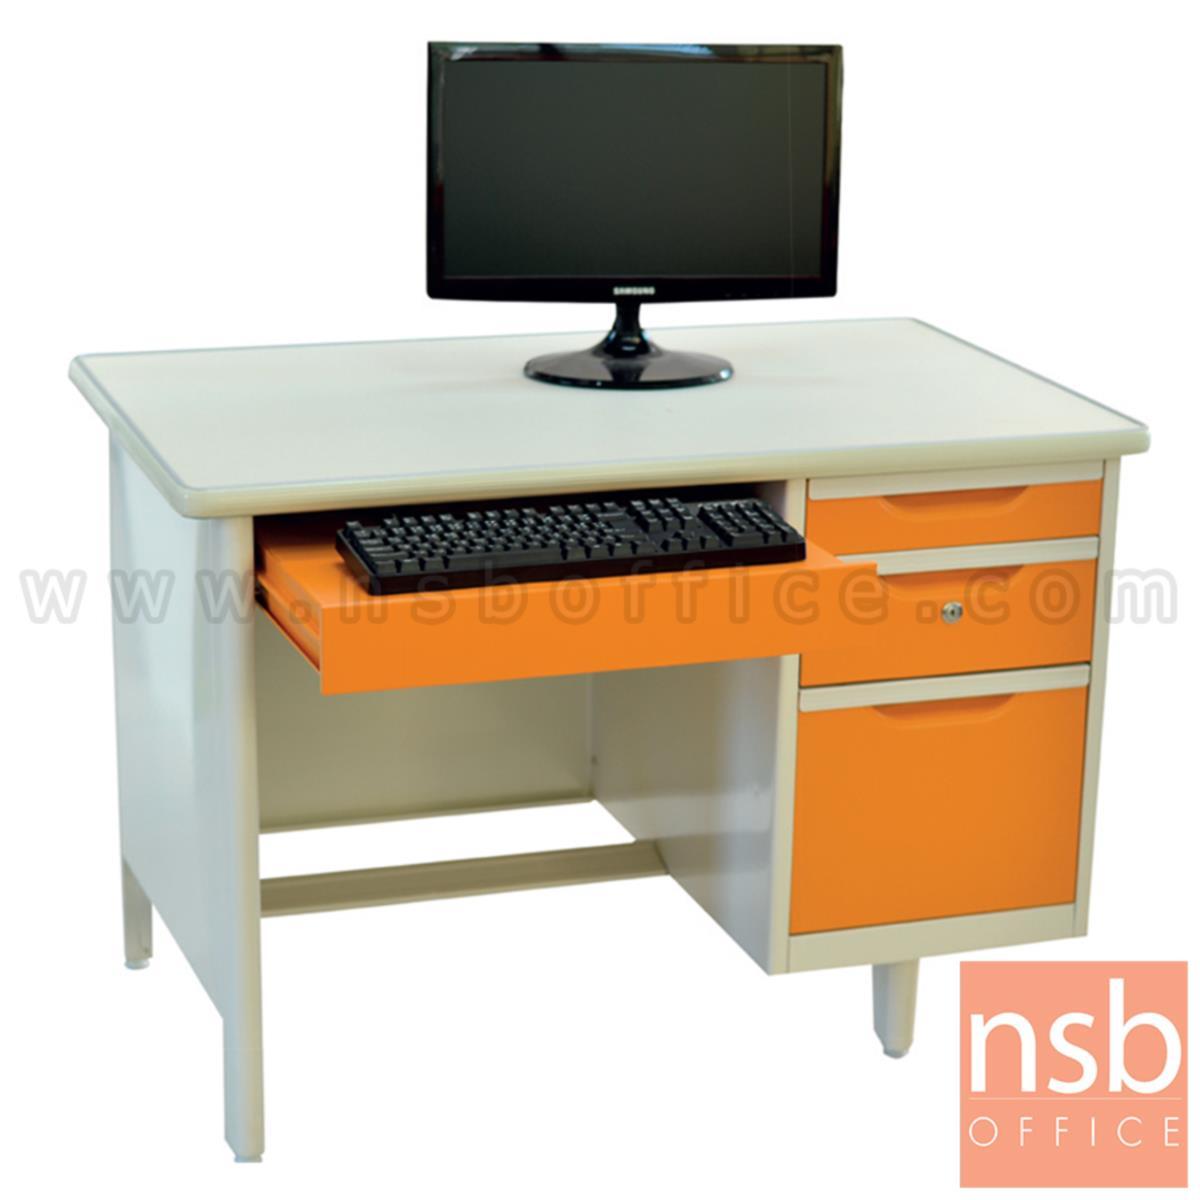 E06A021:โต๊ะคอมพิวเตอร์เหล็กหน้าเหล็ก 3 ลิ้นชัก รุ่น Glen (เกล็น) ขนาด 3 ,3.5, 4, 4.5, 5 ฟุต พร้อมรางคีย์บอร์ด